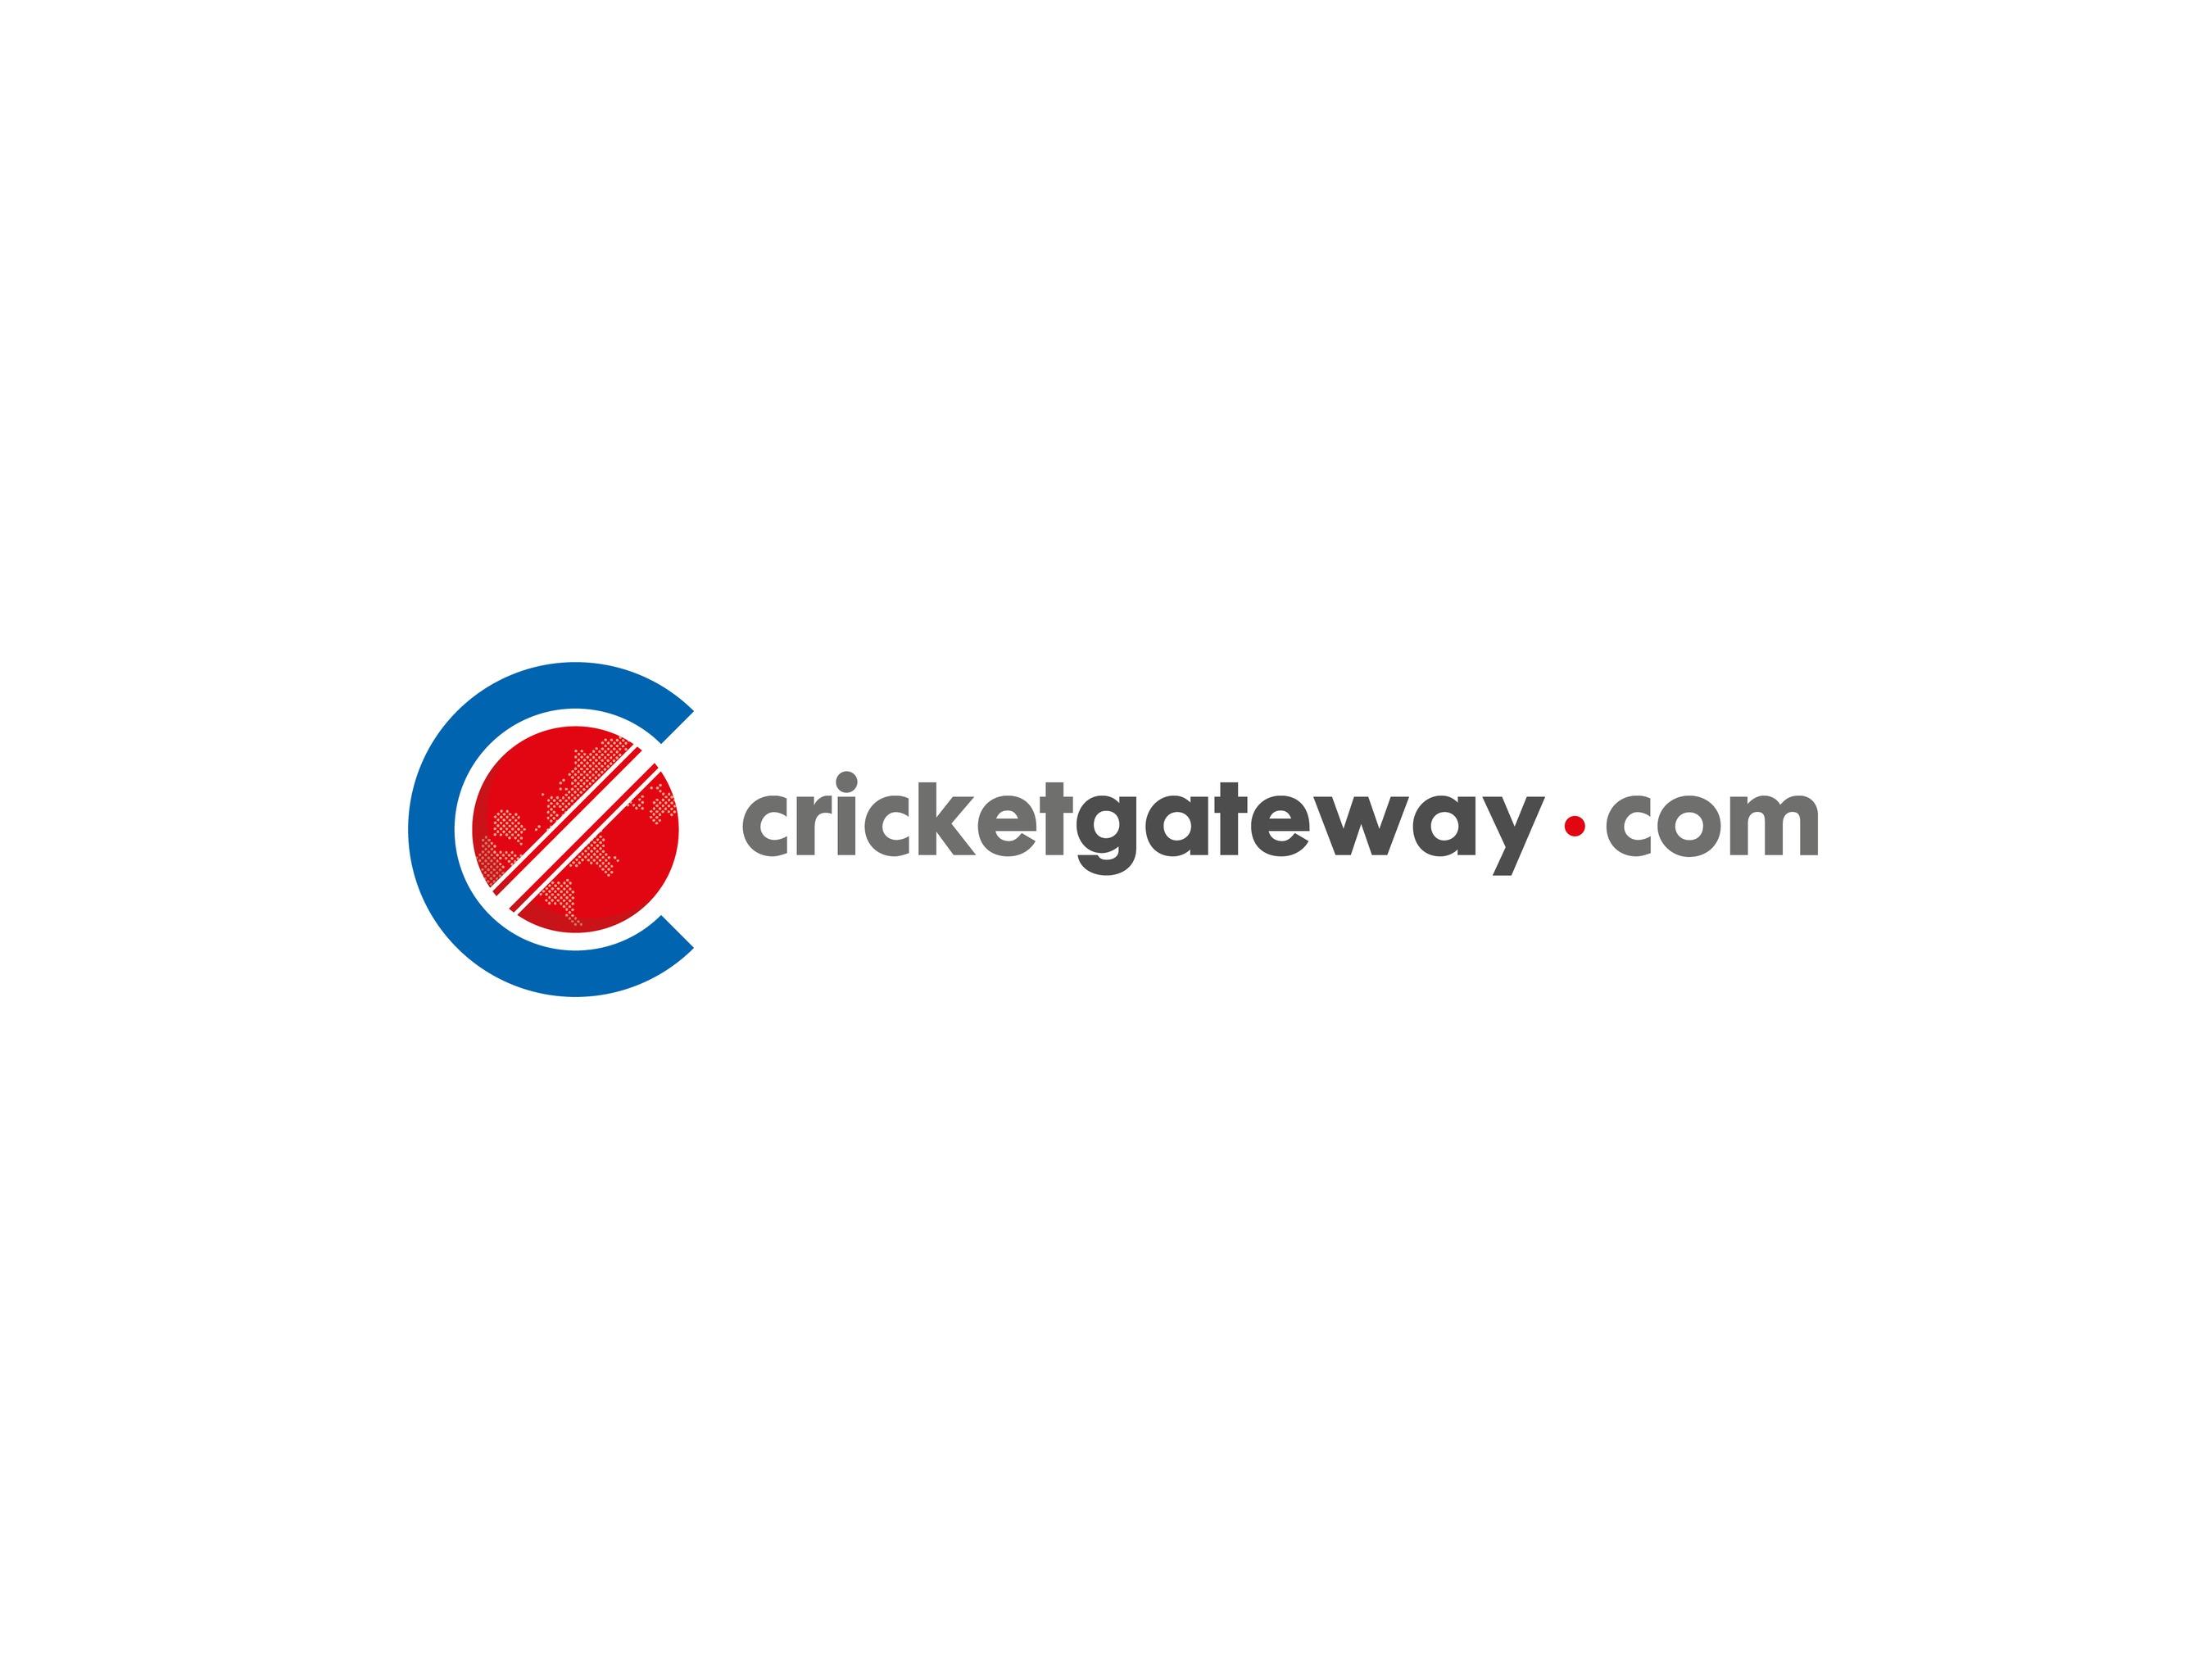 Watch the Pakistan Super League 2017/PSL LIVE on CricketGateway.com